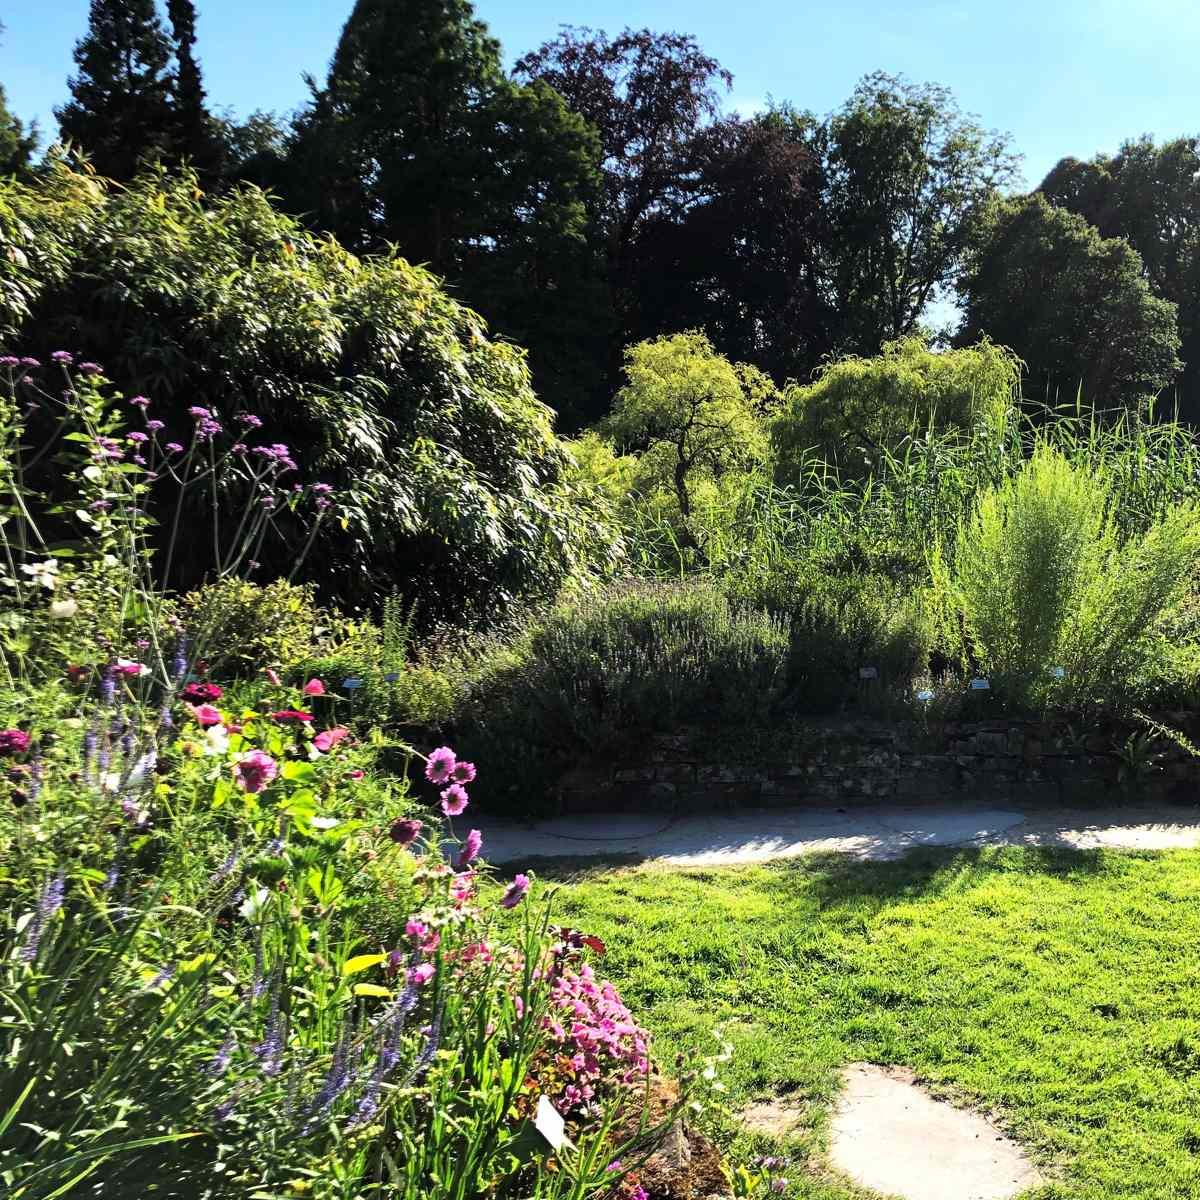 Gärten vielfältig gestalten [GTD Foto]